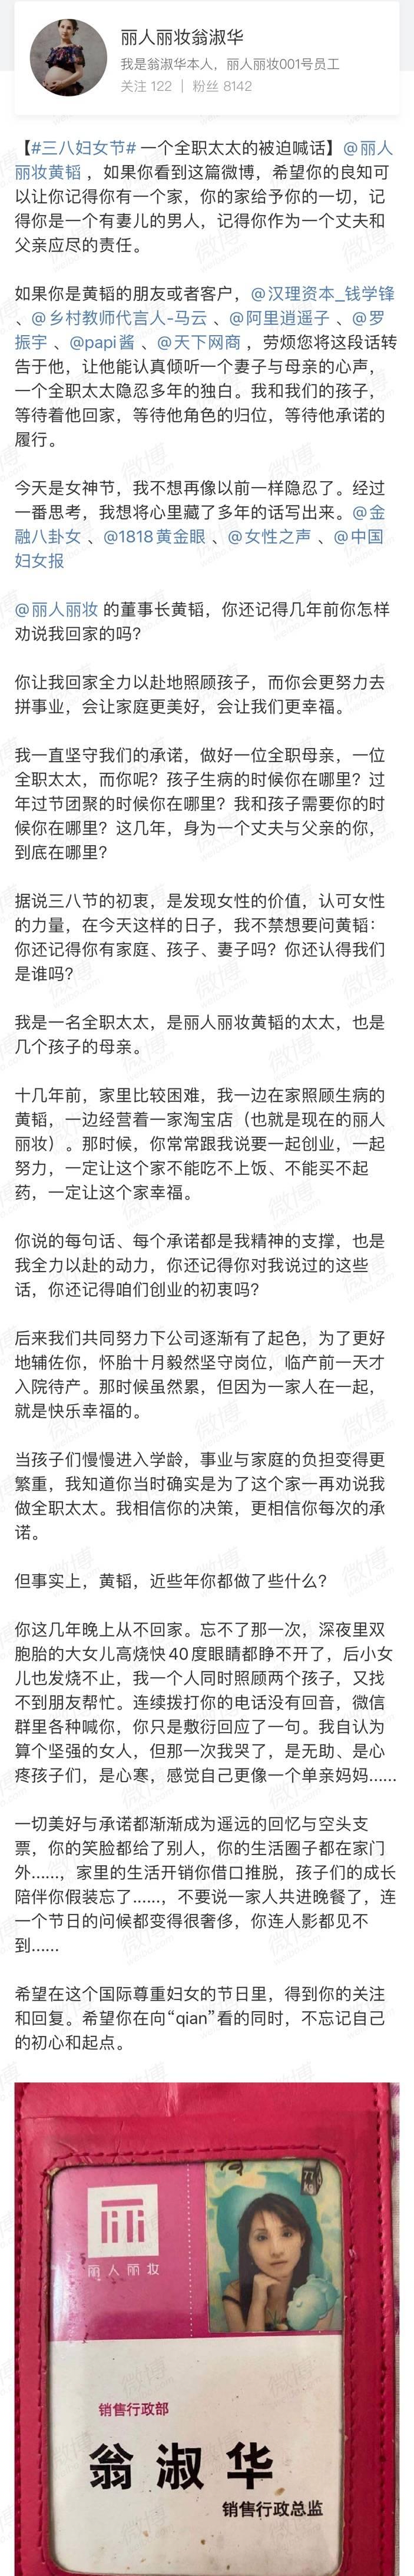 海南省精神文明建設表彰大會舉行